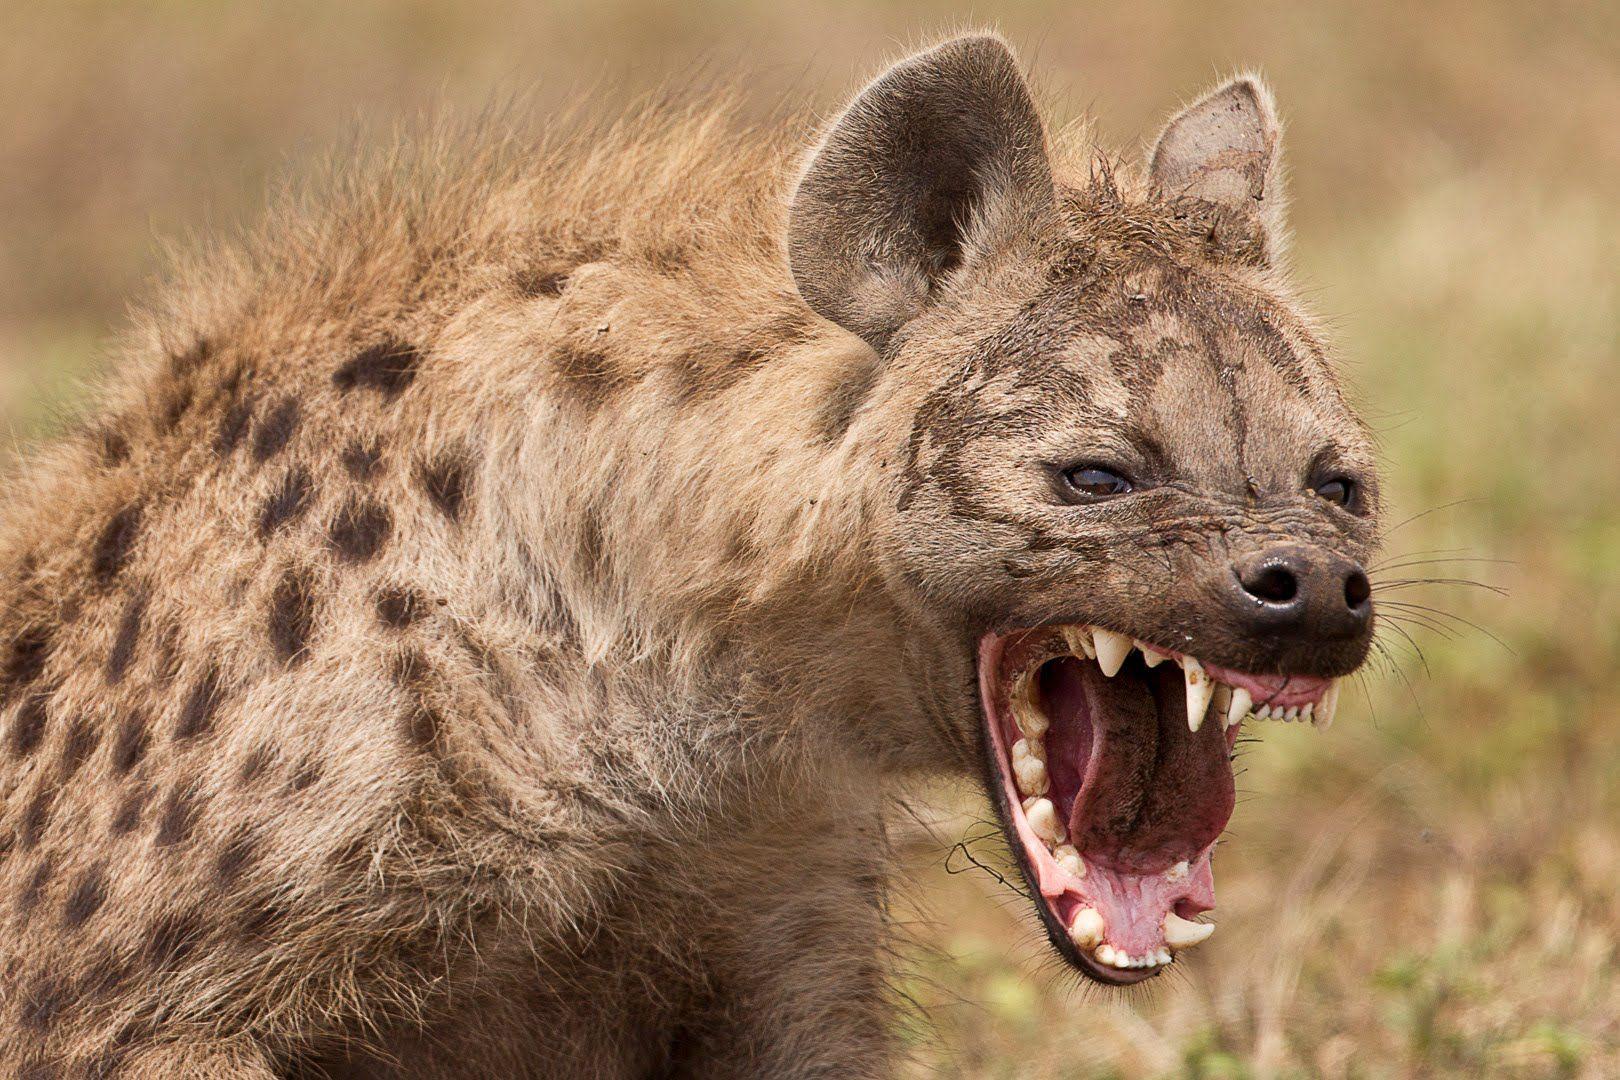 Hyena - Animal Planet Wild Life Documentary 2016 | Hässliche tiere, Wilde  hunde, Tiere wild